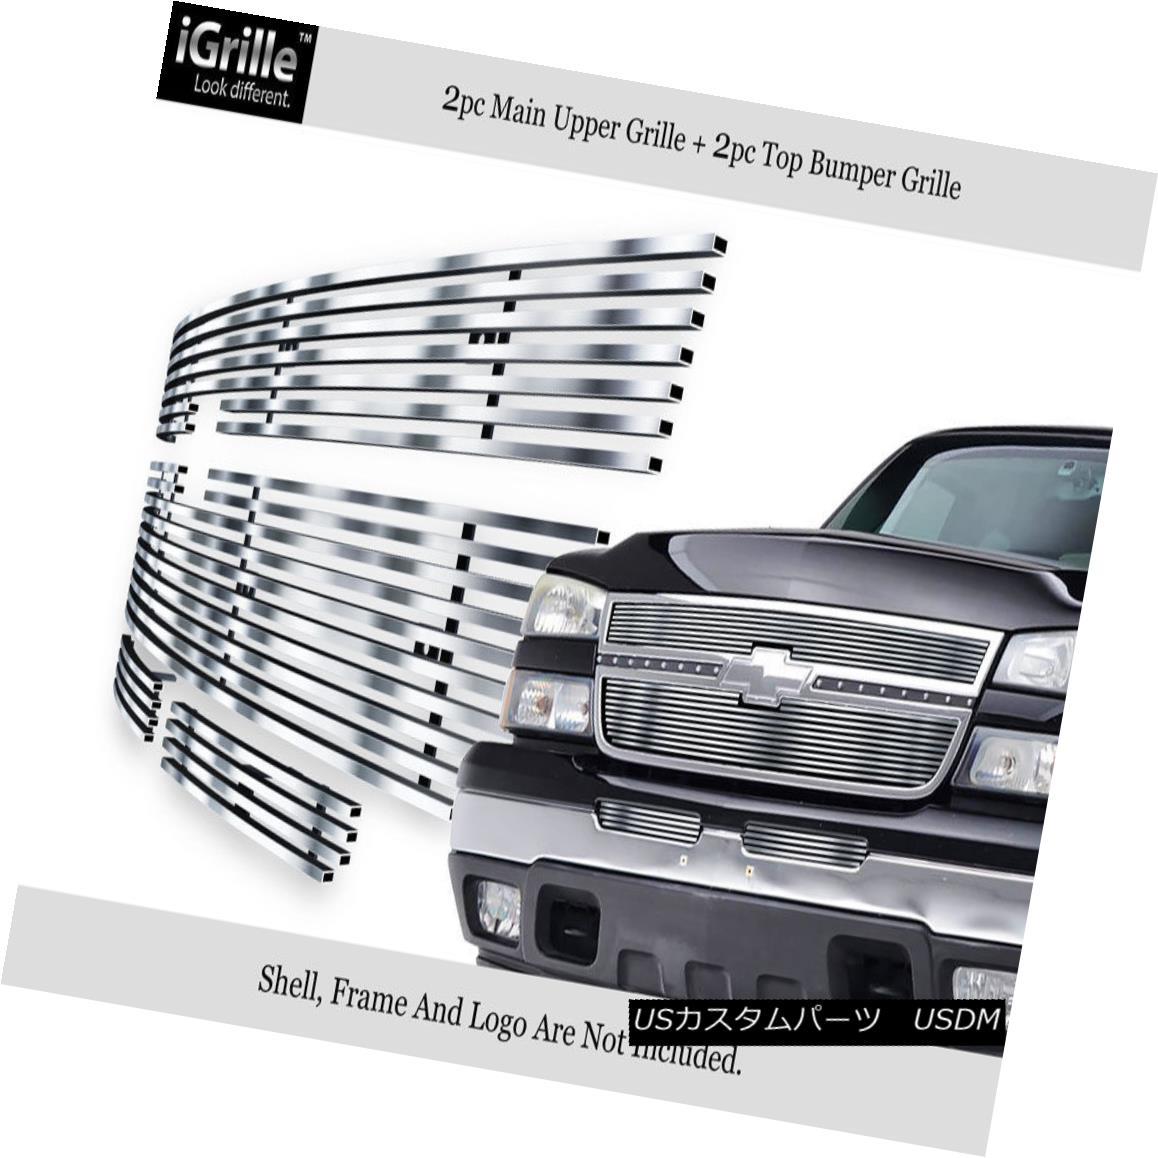 グリル 304 Stainless Billet Grille Combo Fits 06 Chevy Silverado 1500/05-06 2500HD 304ステンレス・ビレット・グリル・コンボ・フィット06 Chevy Silverado 1500 / 05-06 2500HD